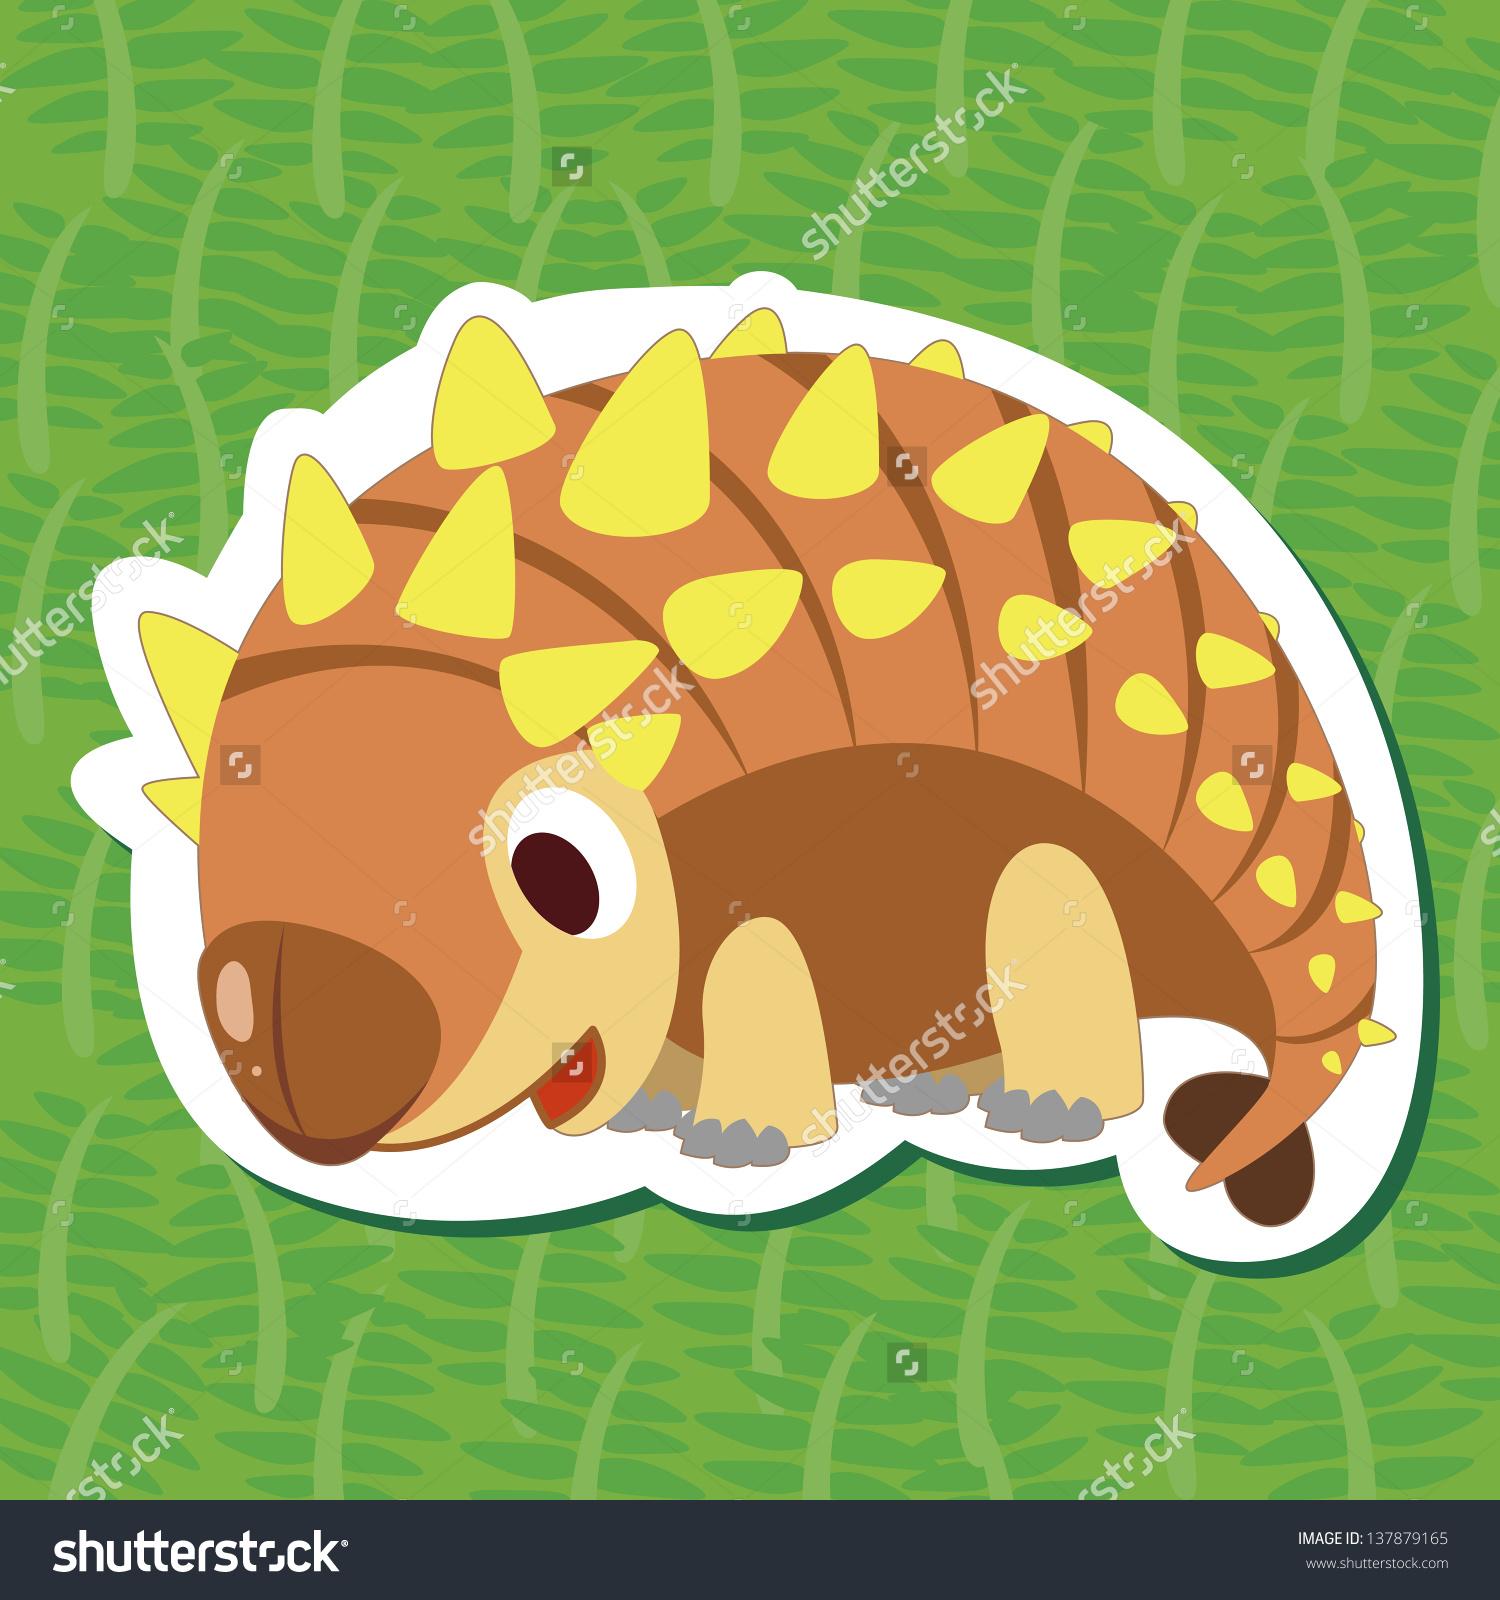 一个可爱的恐龙,甲龙贴纸-动物/野生生物,符号/标志